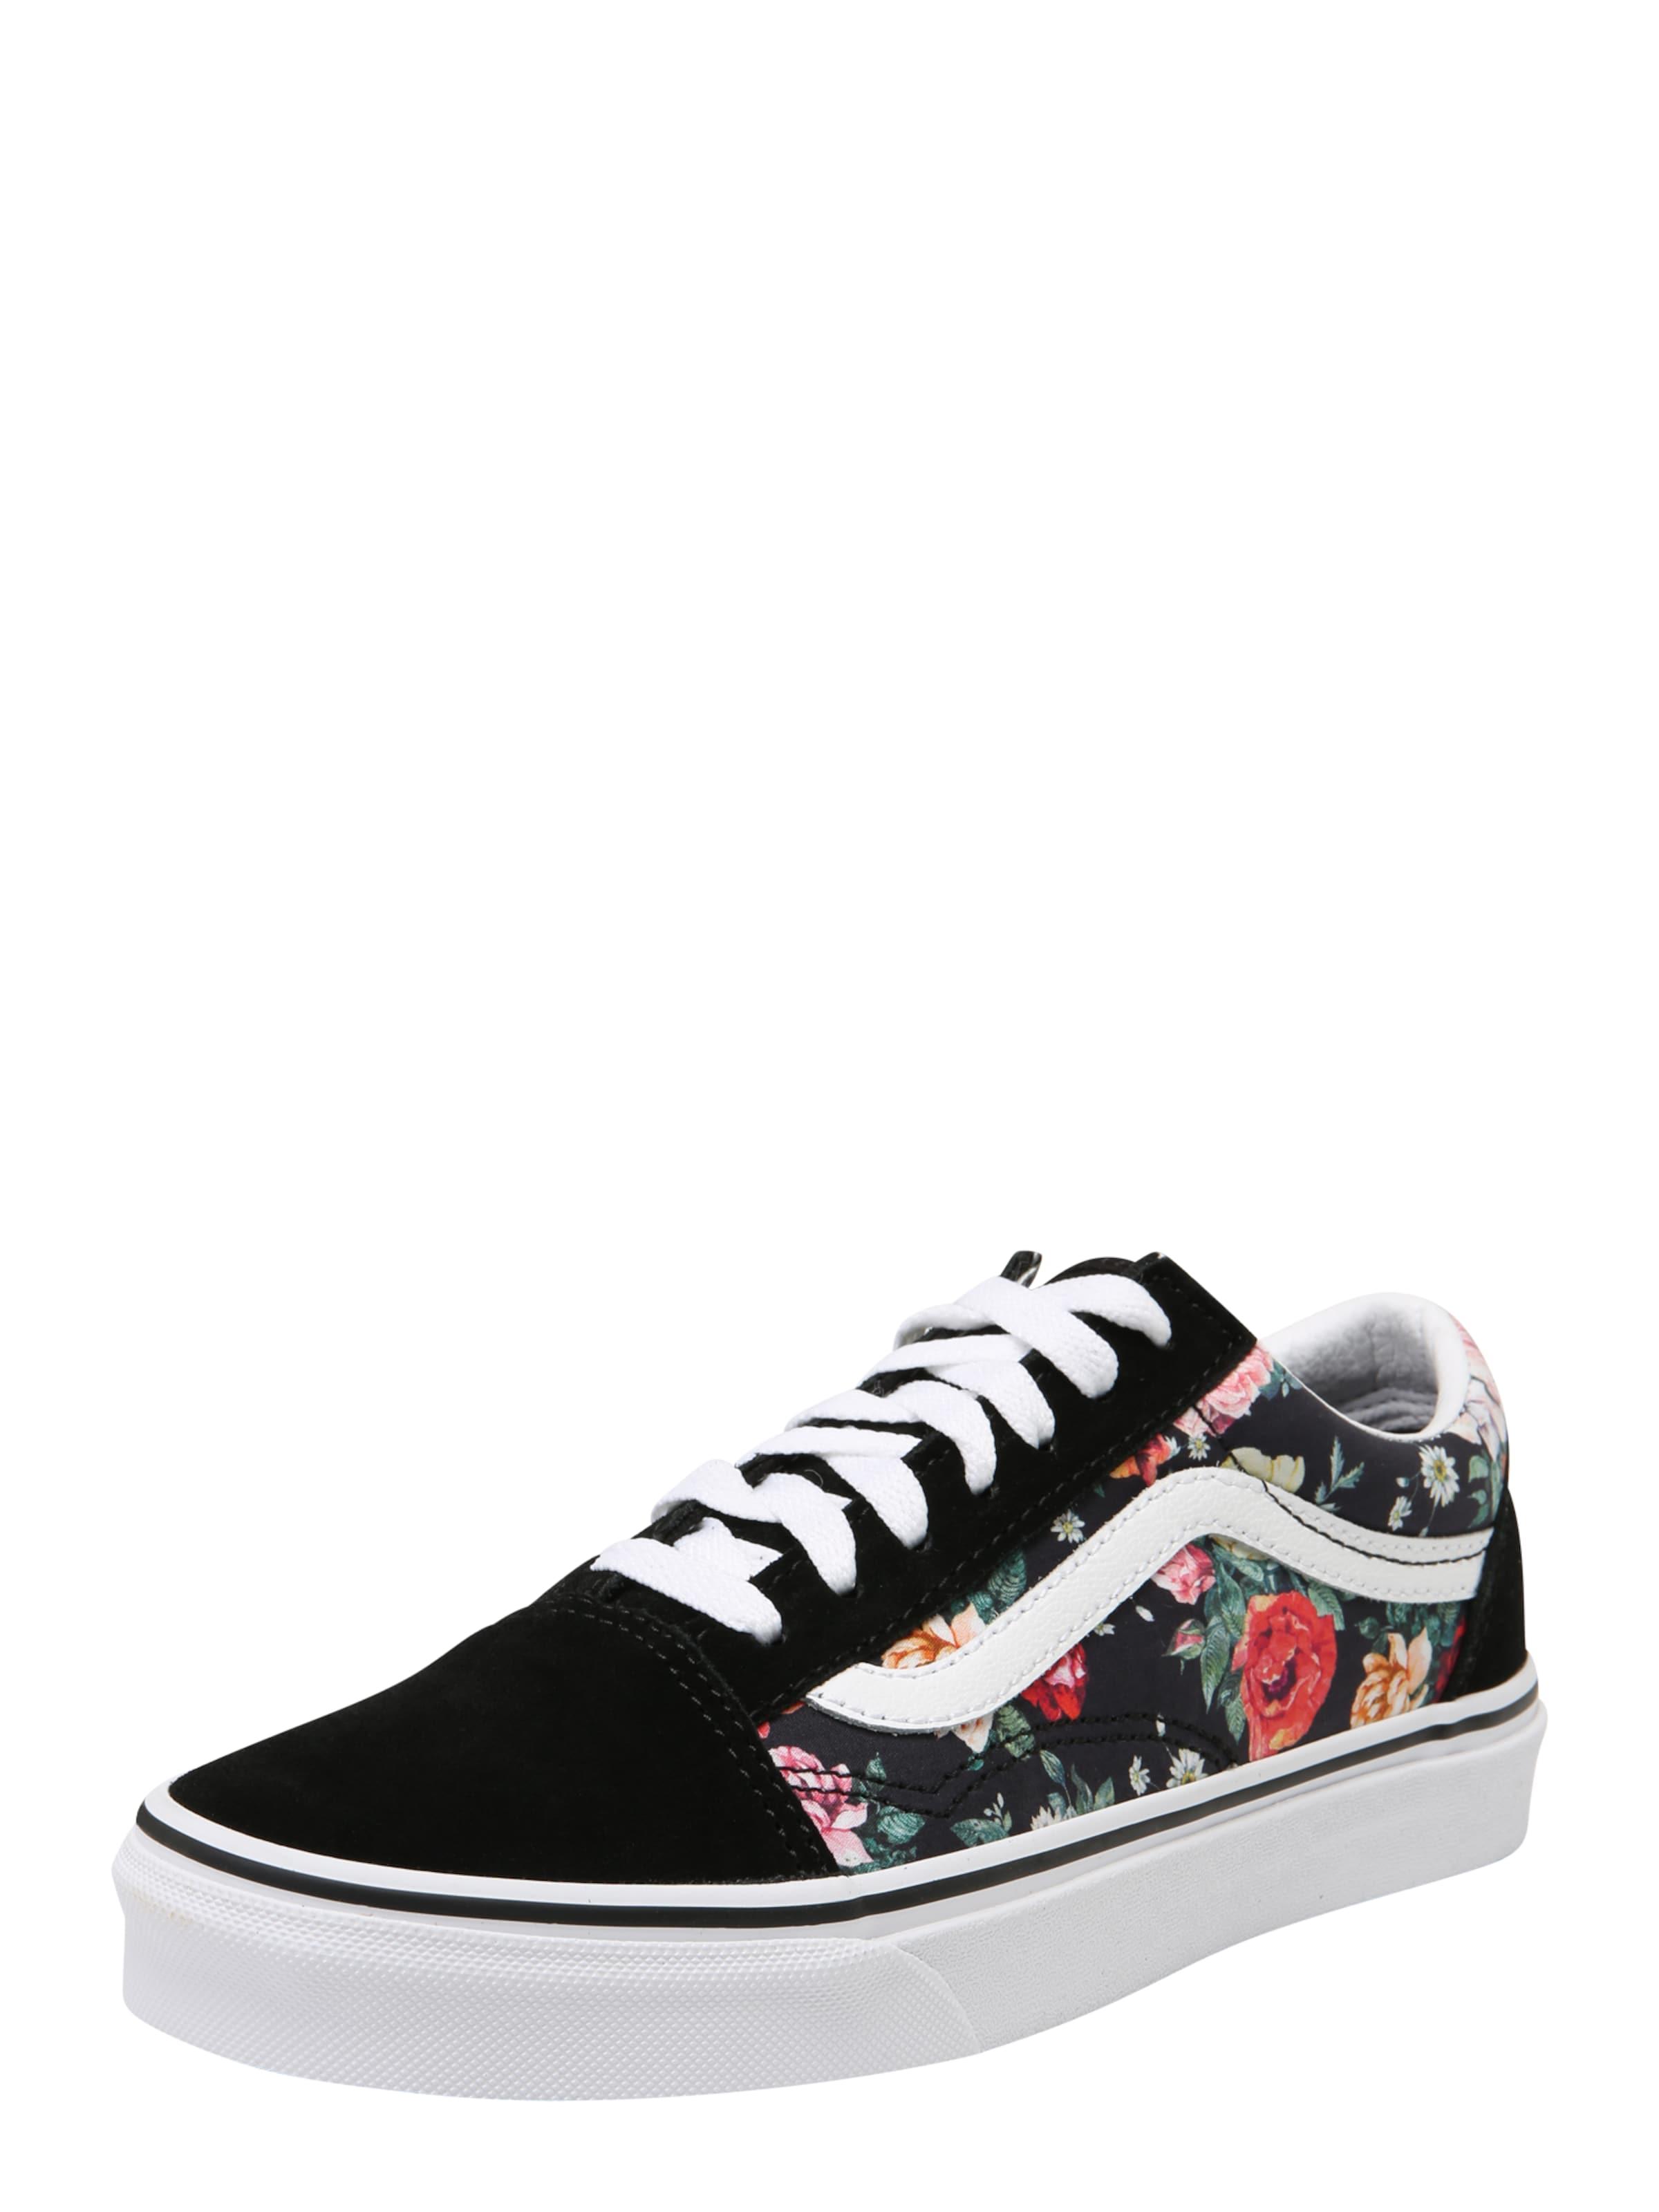 Old In Sneaker Vans Skool' 'ua SchwarzWeiß BxreoWQdC